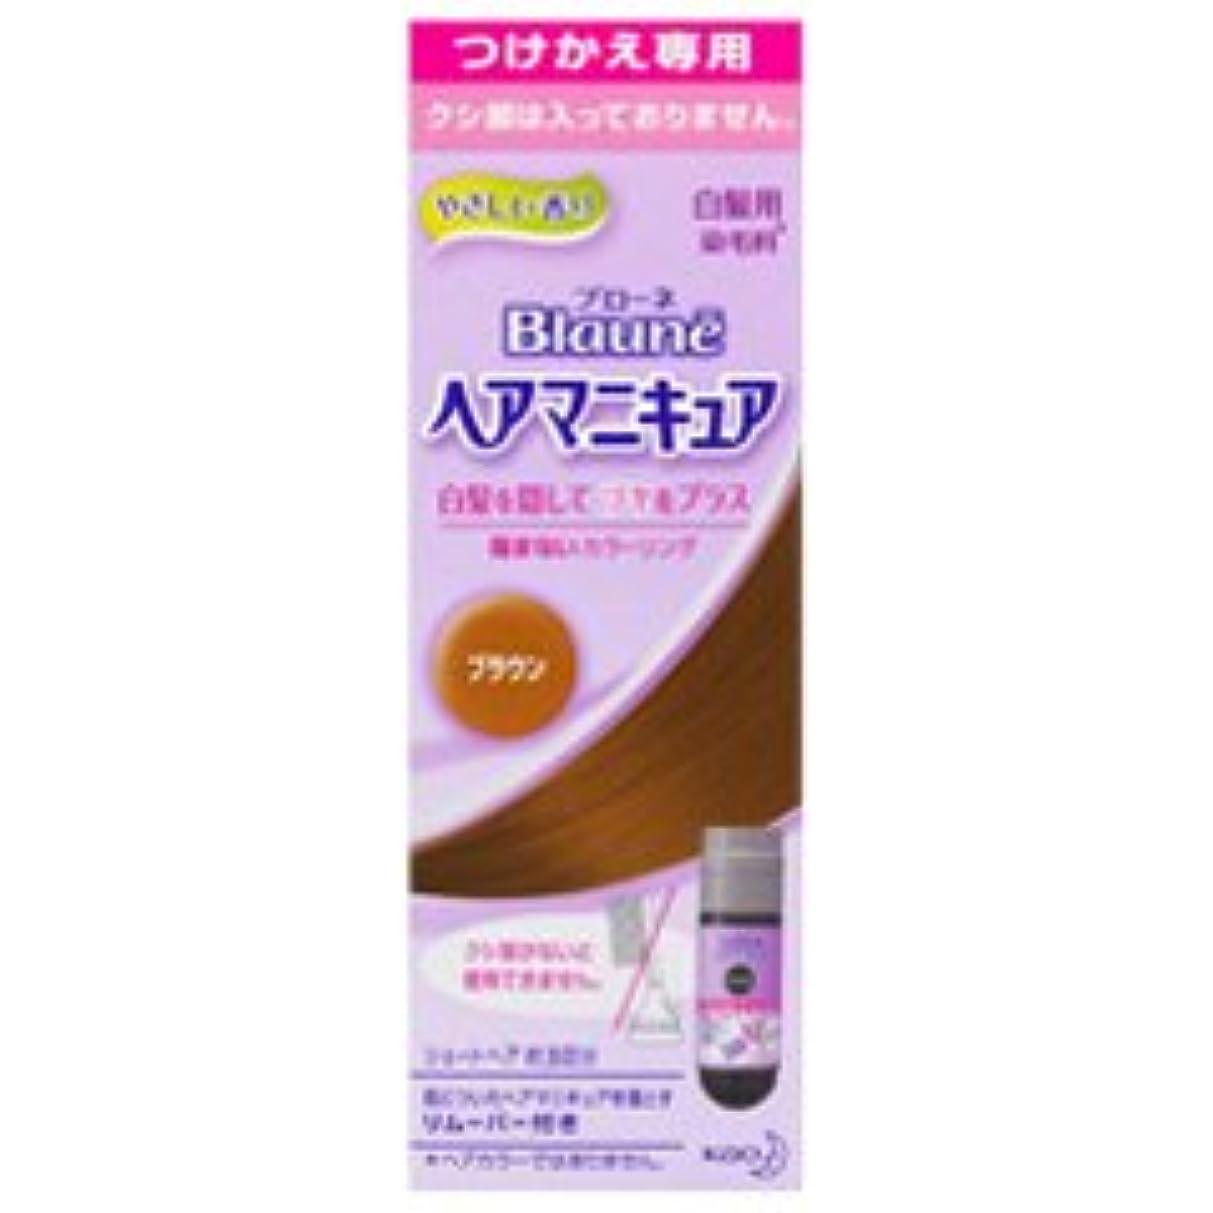 社員ボトルネックいくつかの【花王】ブローネ ヘアマニキュア 白髪用つけかえ用ブラウン ×20個セット